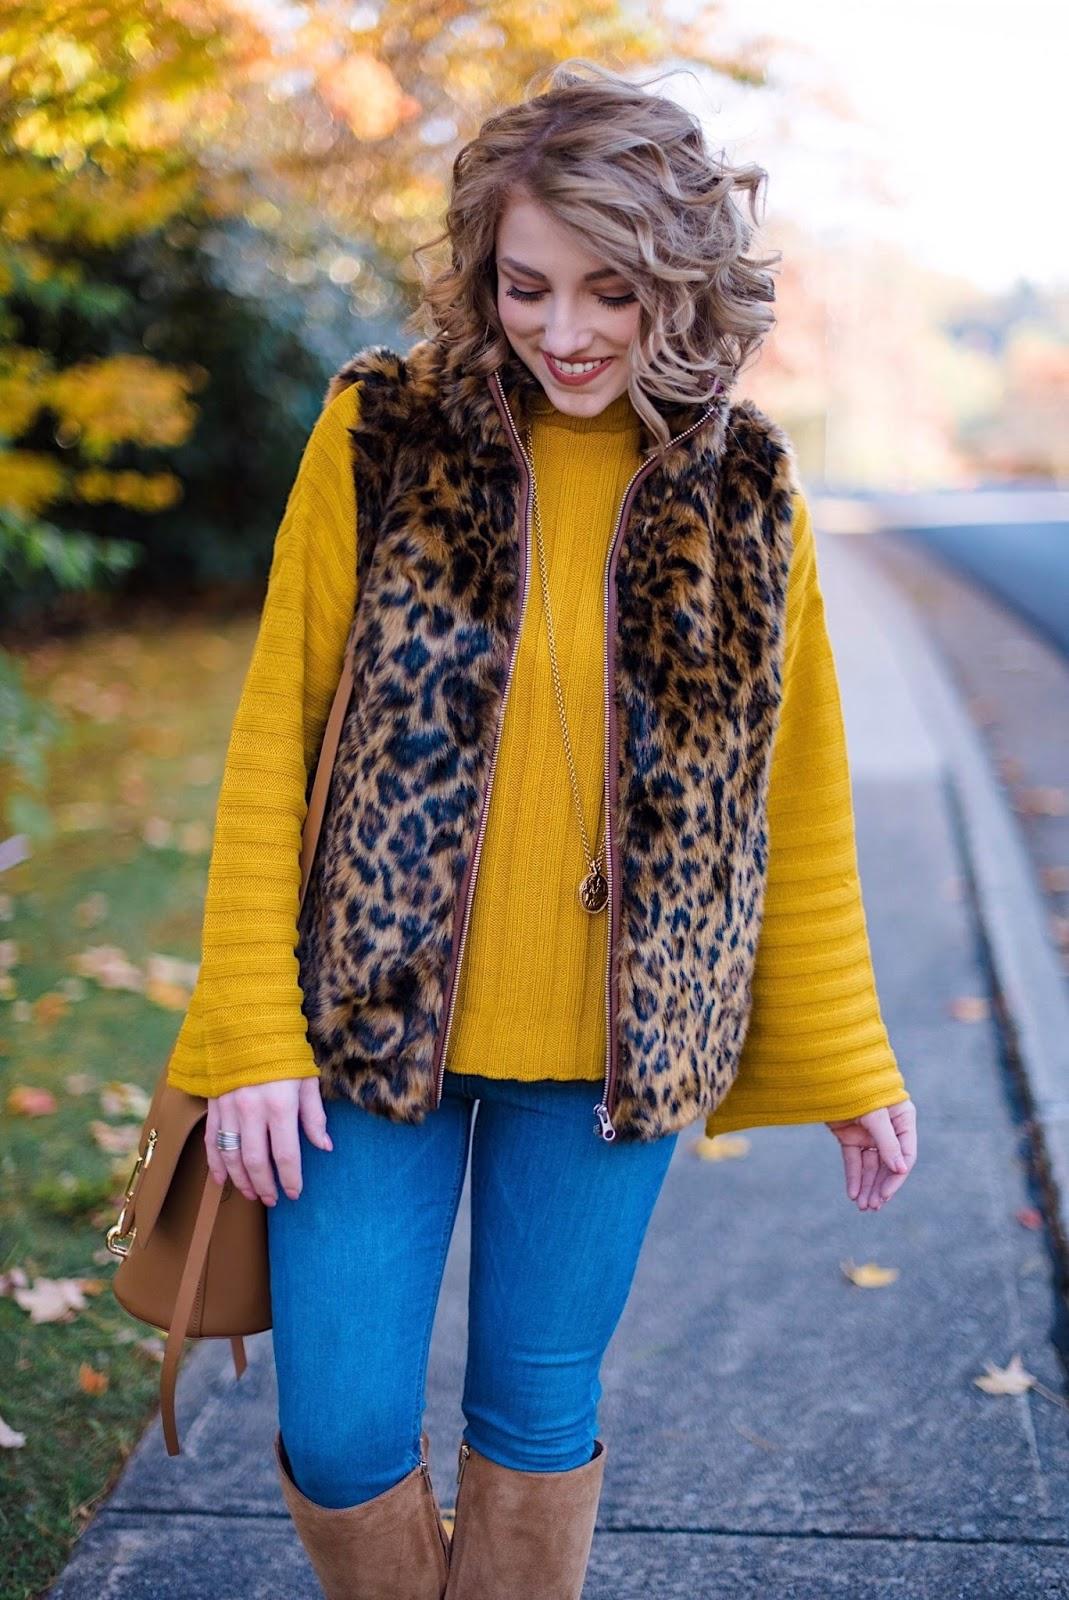 J.Crew Leopard Faux Fur Vest - Something Delightful Blog